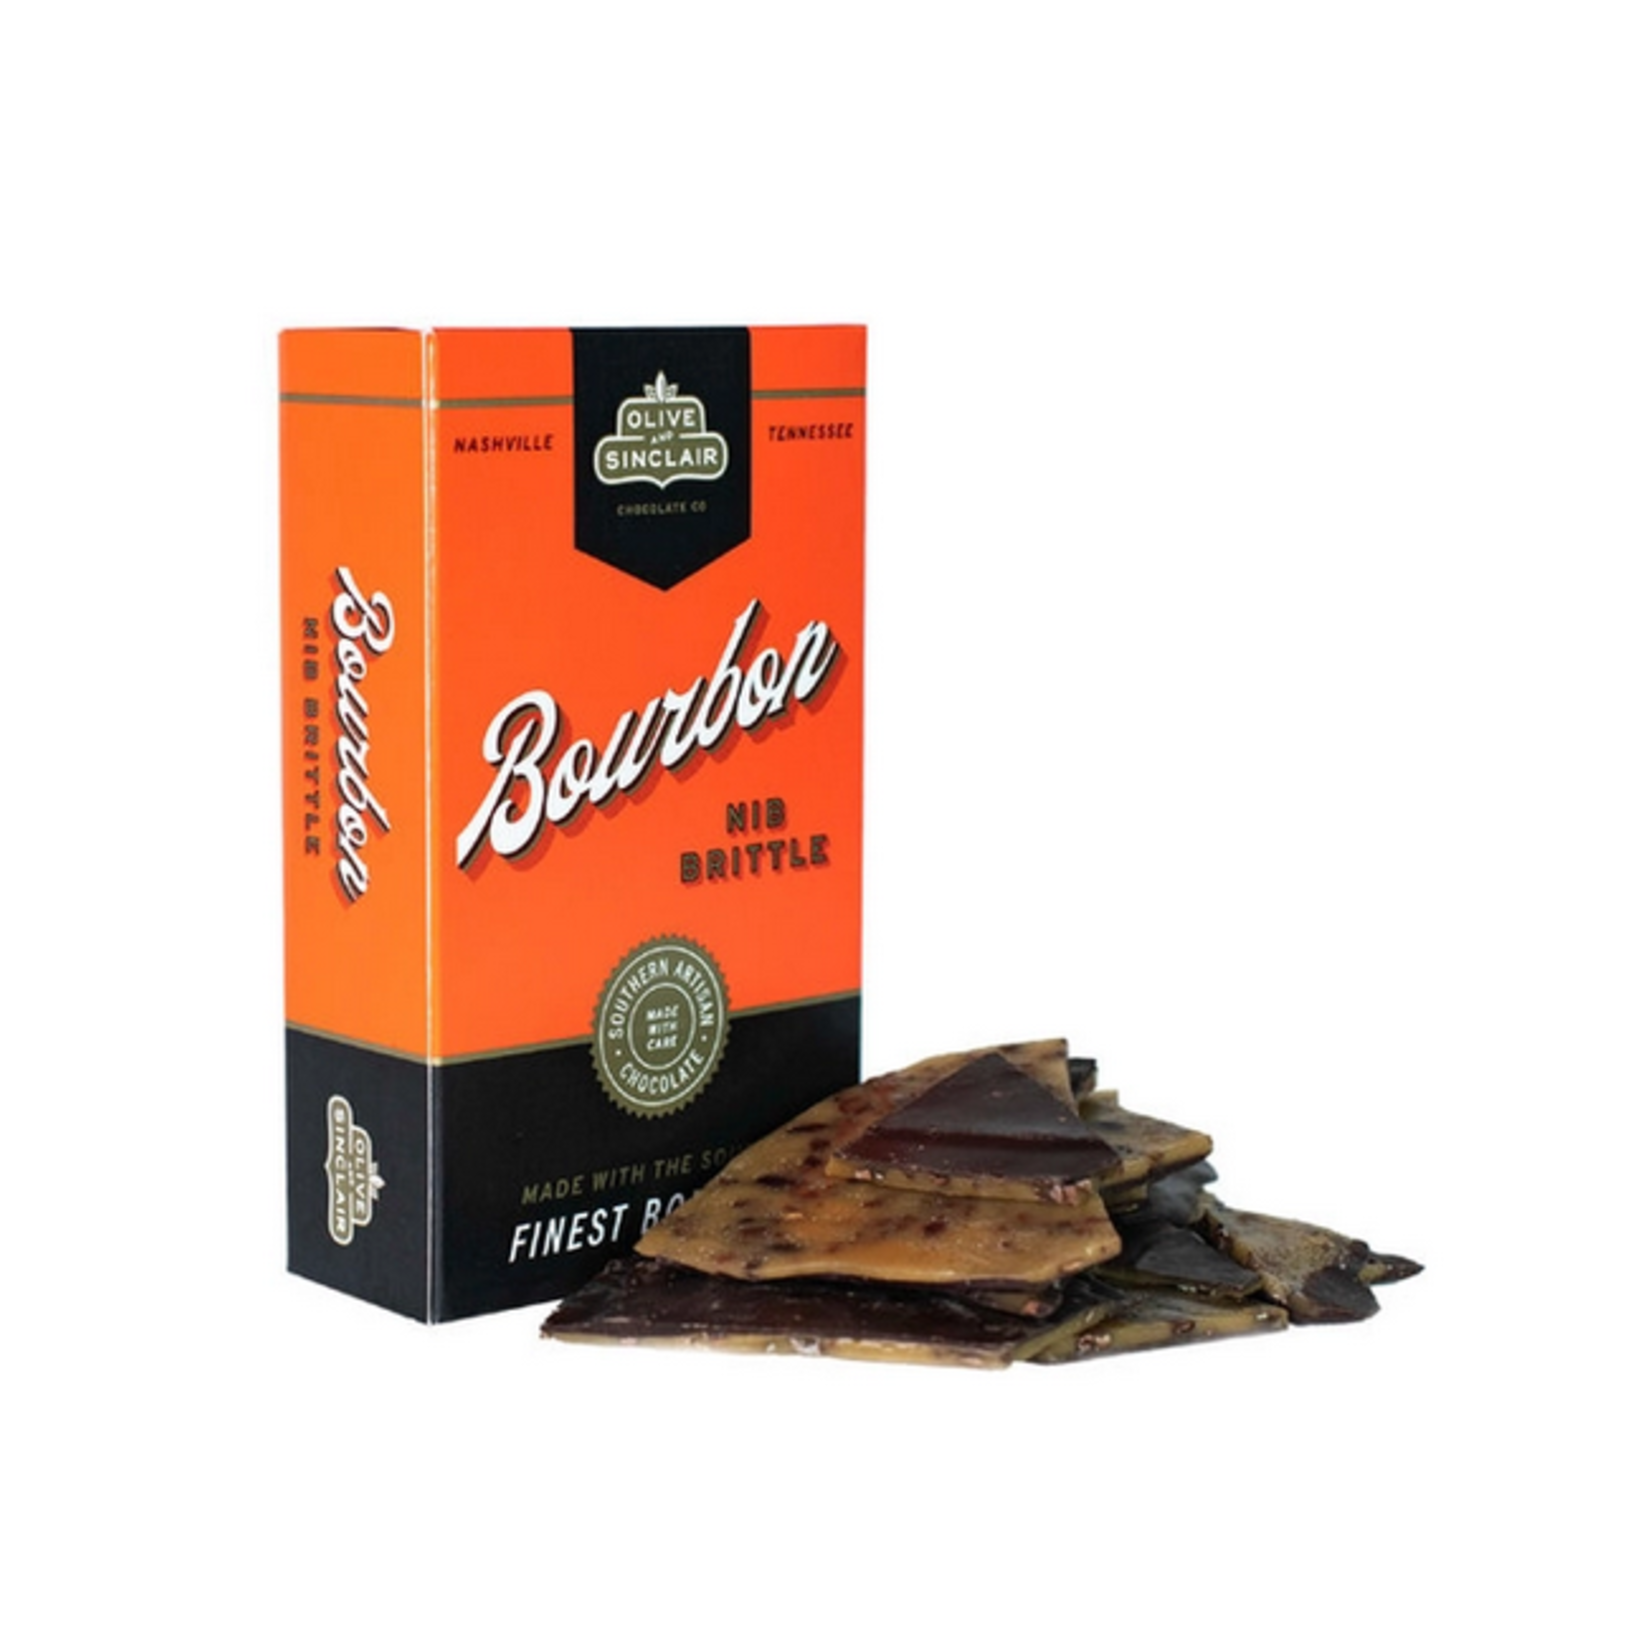 O & S Chocolate Nib Brittle